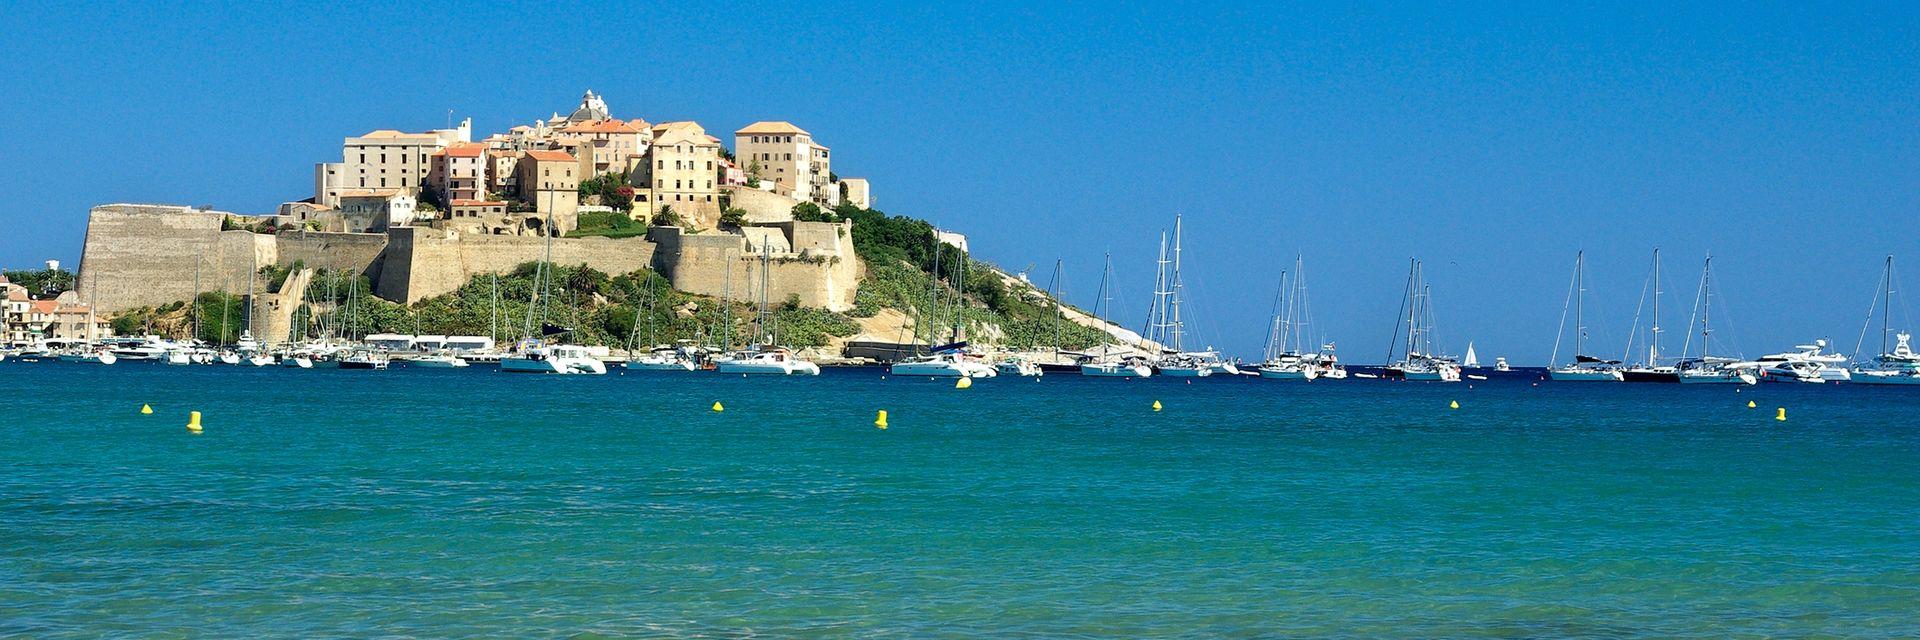 Vakantiehuis Corsica? Bekijk alle vakantiehuizen